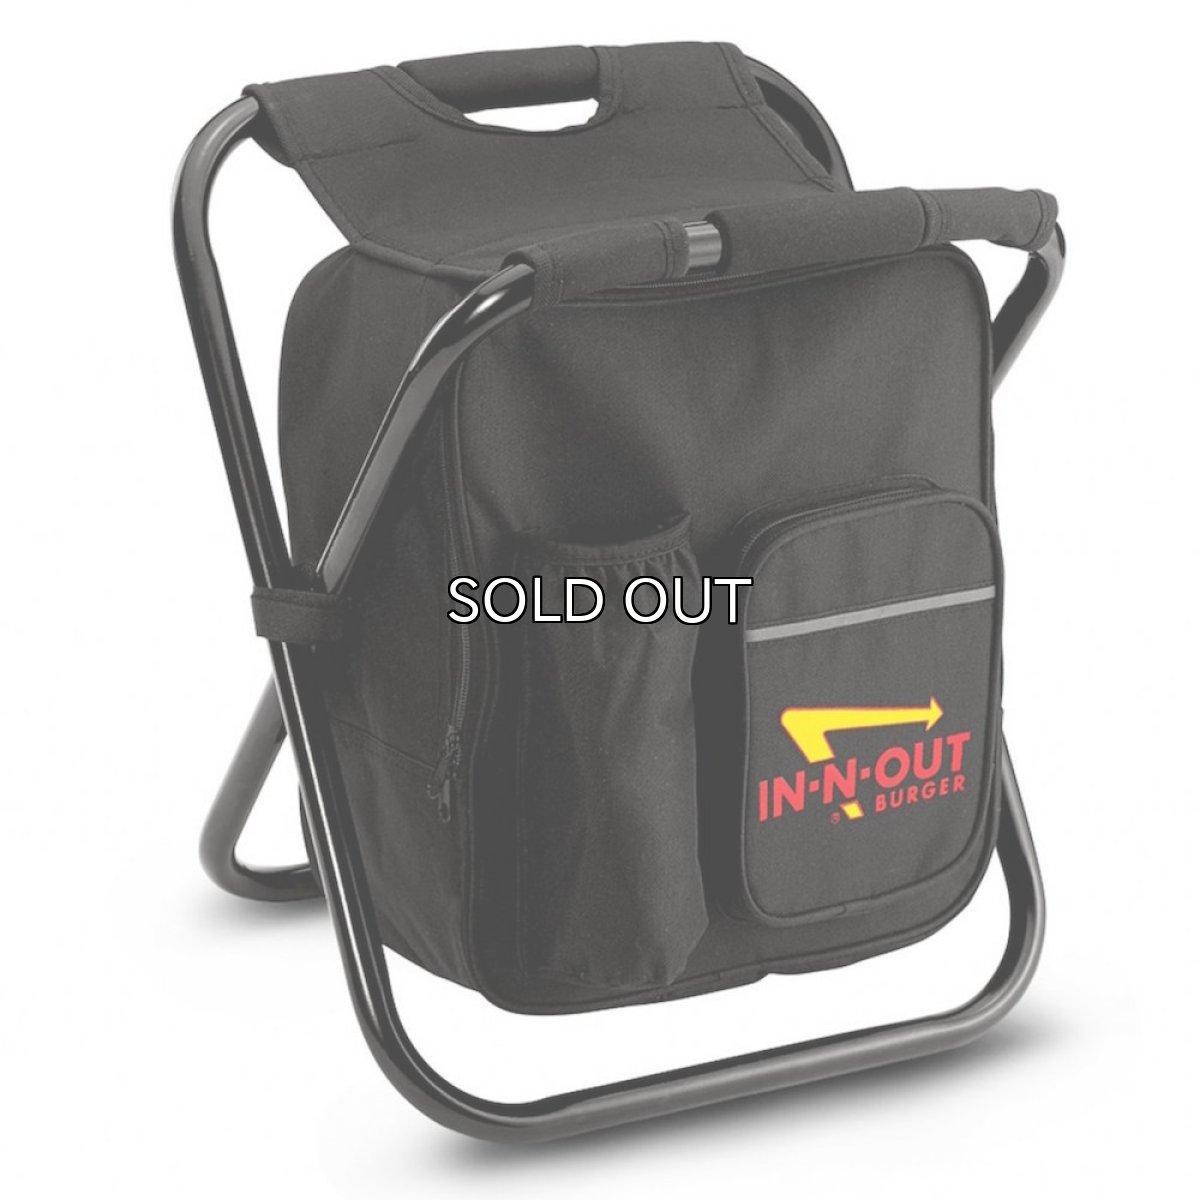 画像1: IN-N-OUT BURGER COOLER BAG CHAIR (1)